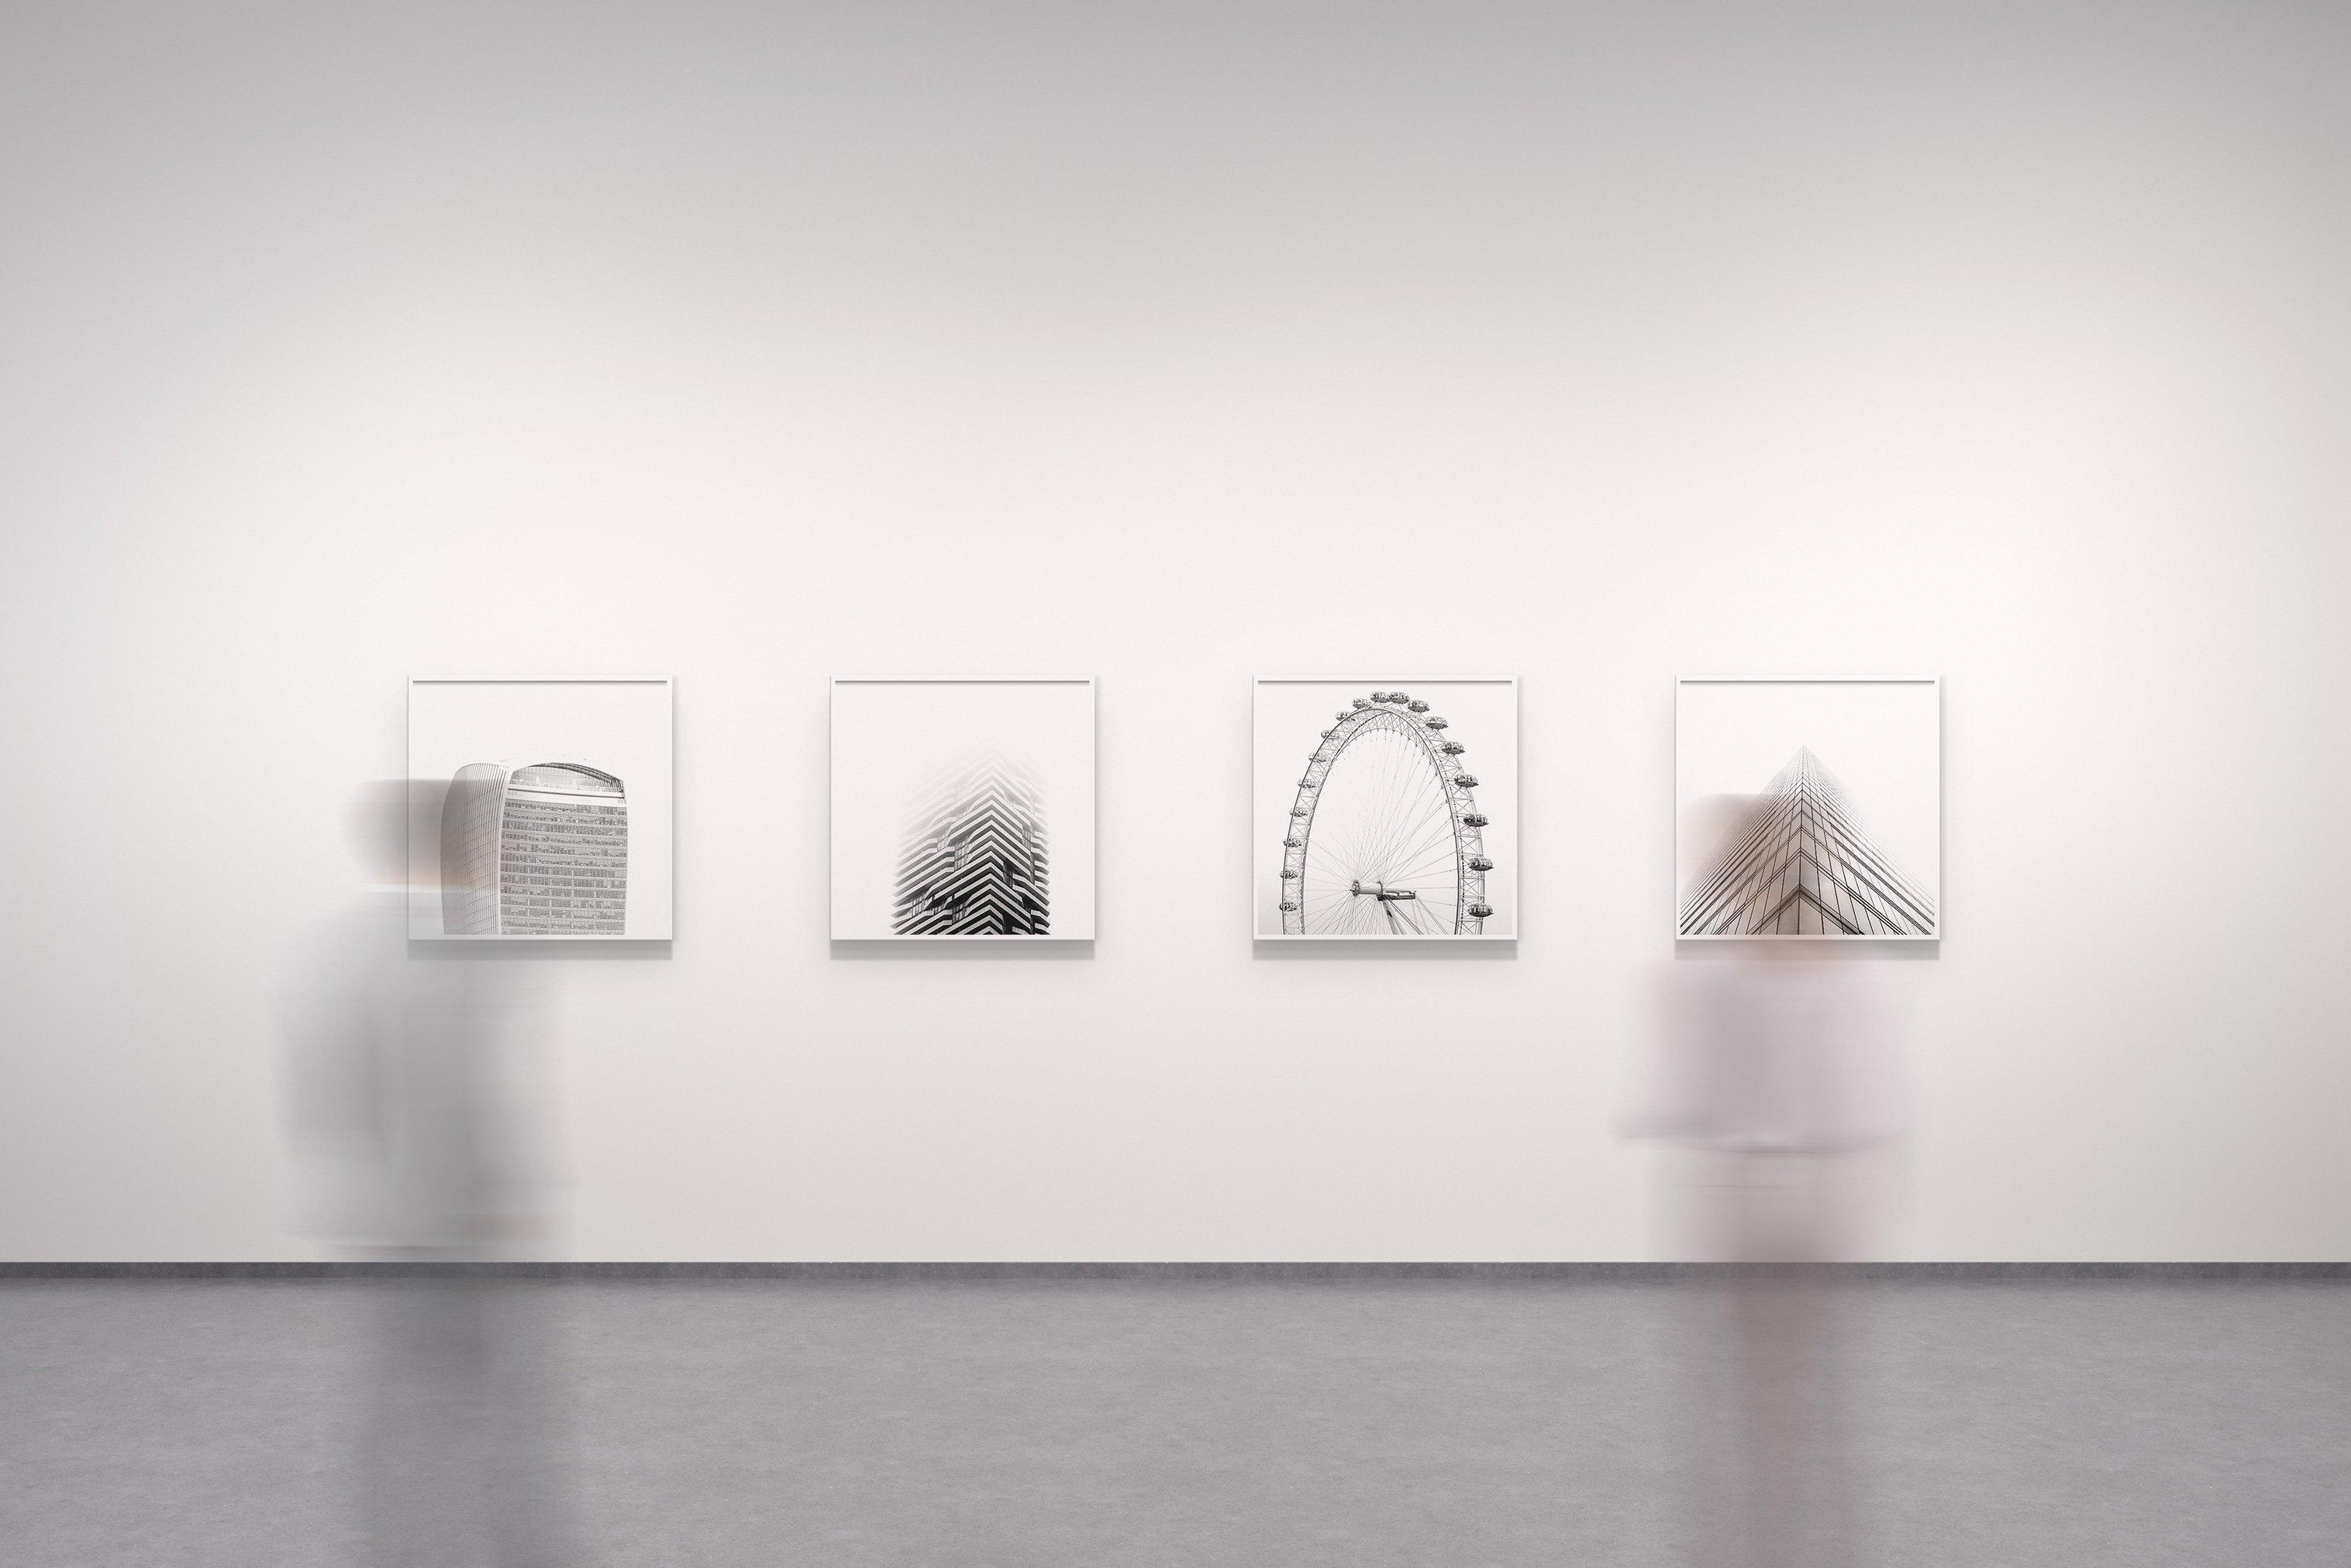 美术馆绘画艺术品相片展示样机模板 Art Gallery Mockup插图(11)